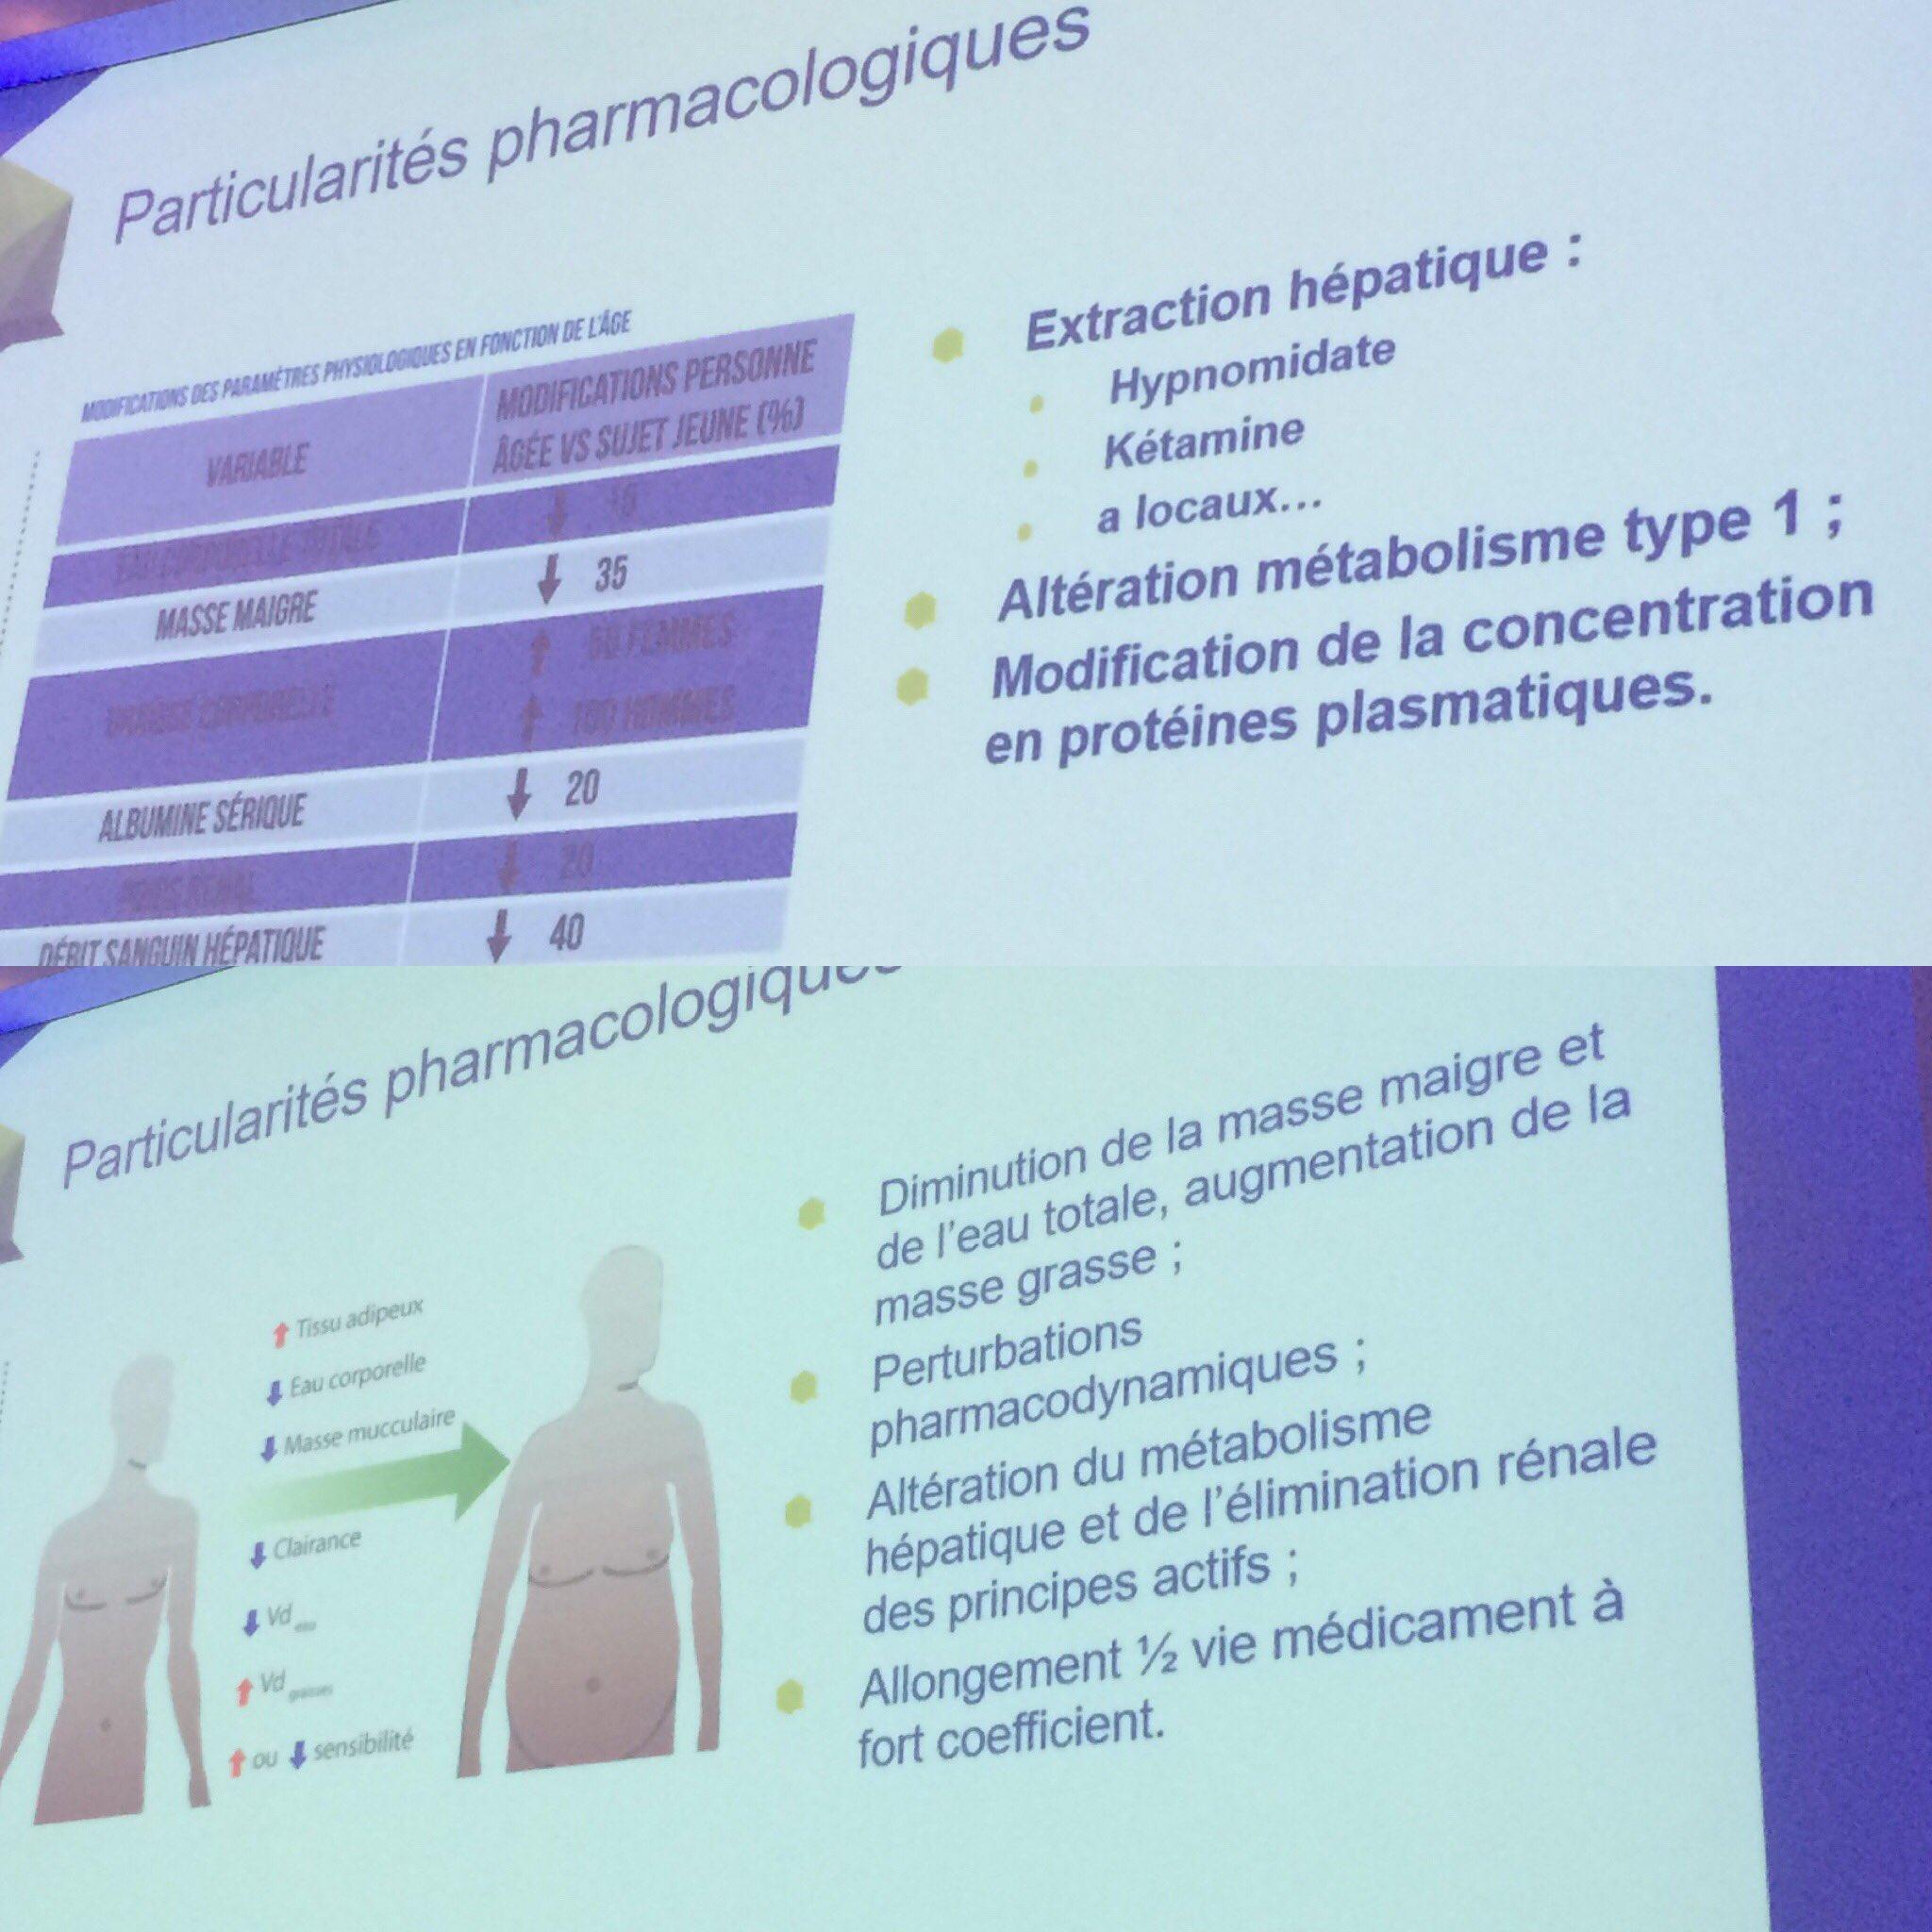 Pharmageek Restezchezvous On Twitter Forumantalgie Des Particularites Pharmacologiques Et Physiologiques A Prendre En Compte Sujetage